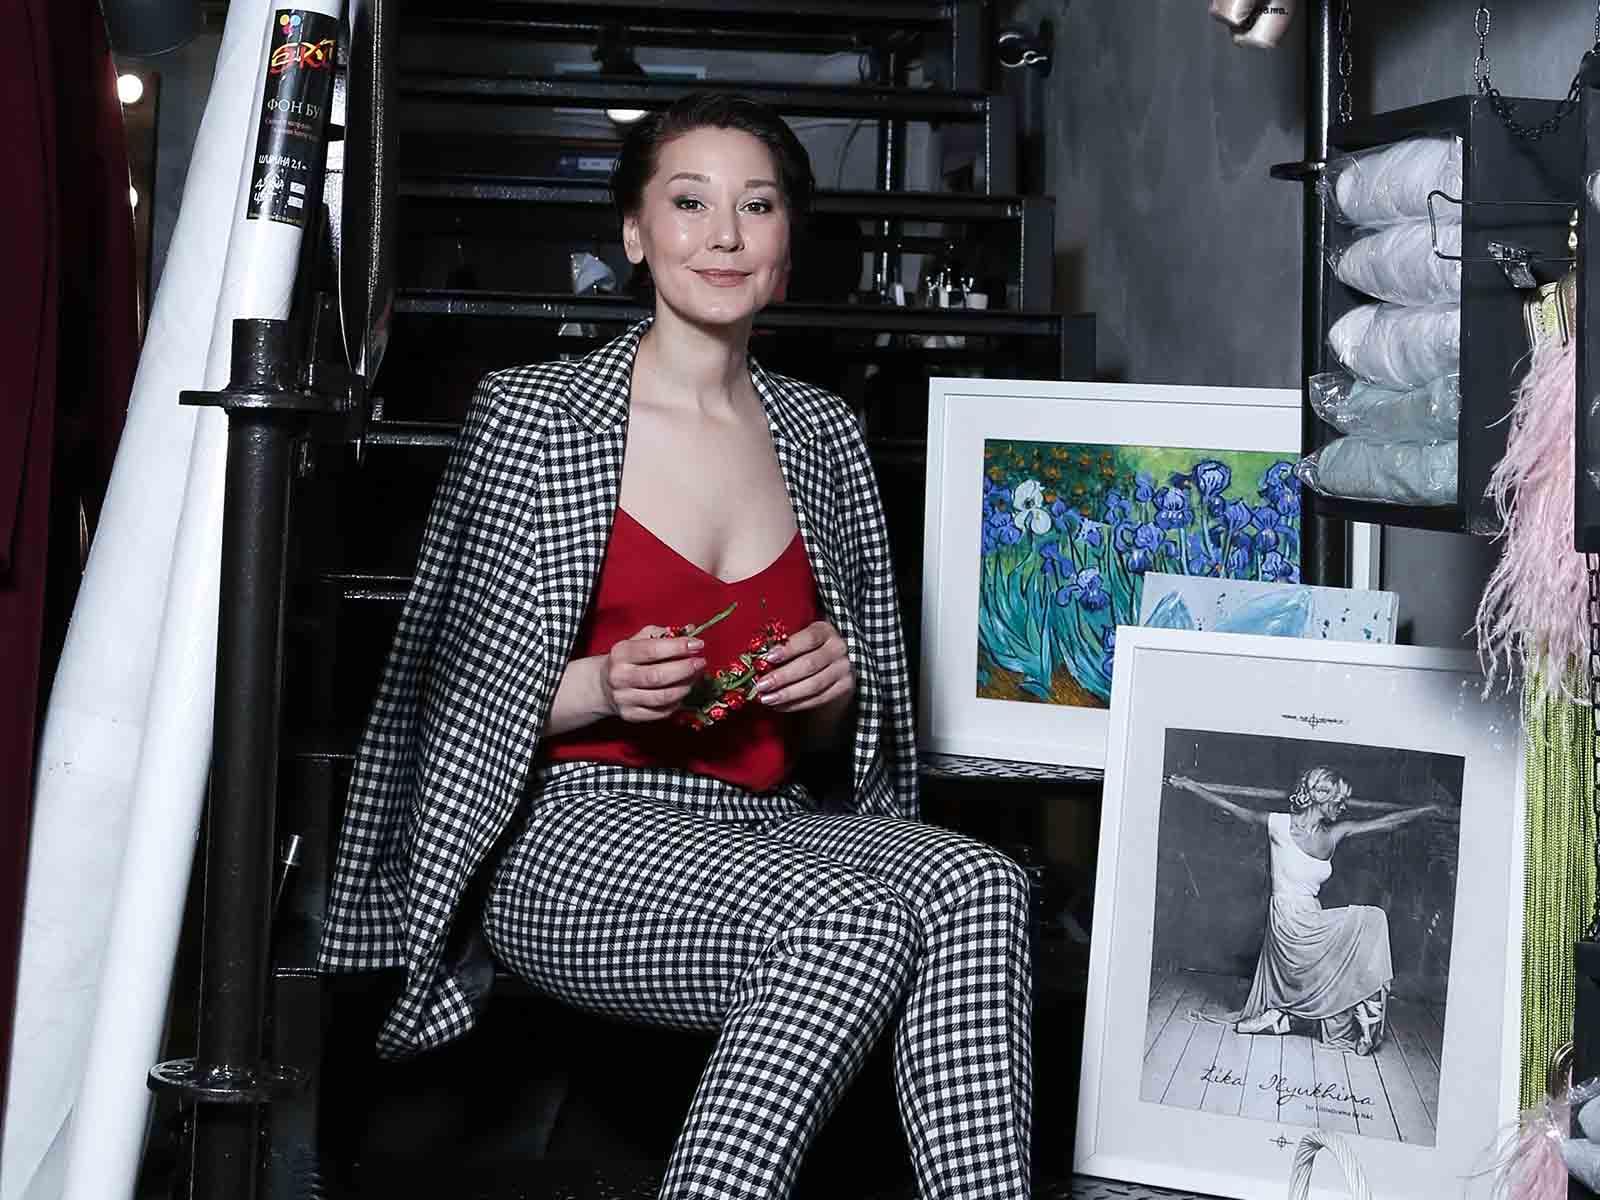 Елена Казакова, имиджмейкер-стилист с опытом работы в индустрии красоты, имиджа и стиля более 20 лет